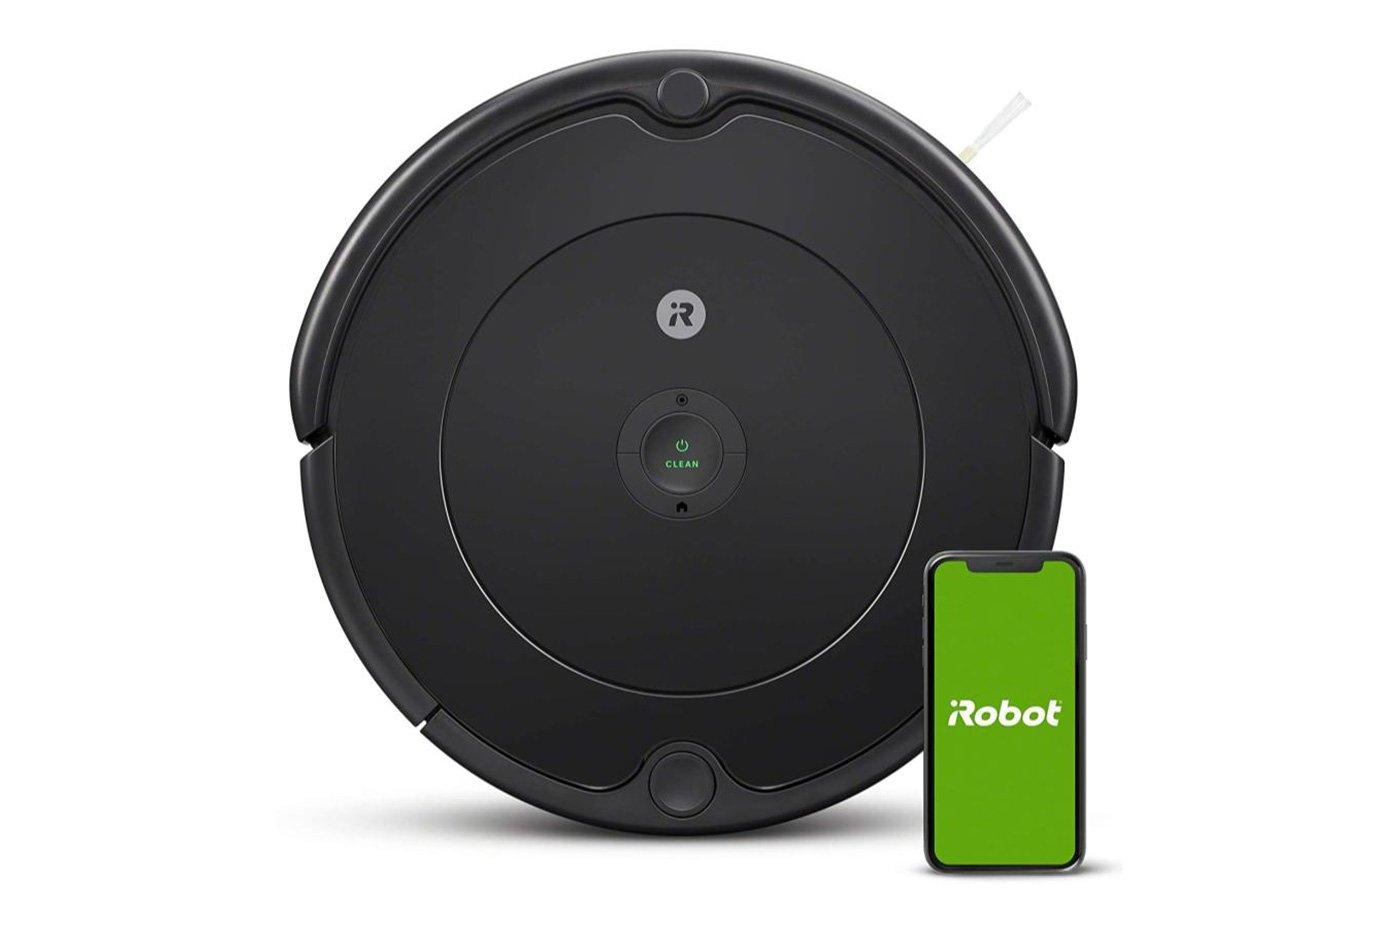 Aspirateur iRobot Roomba 692